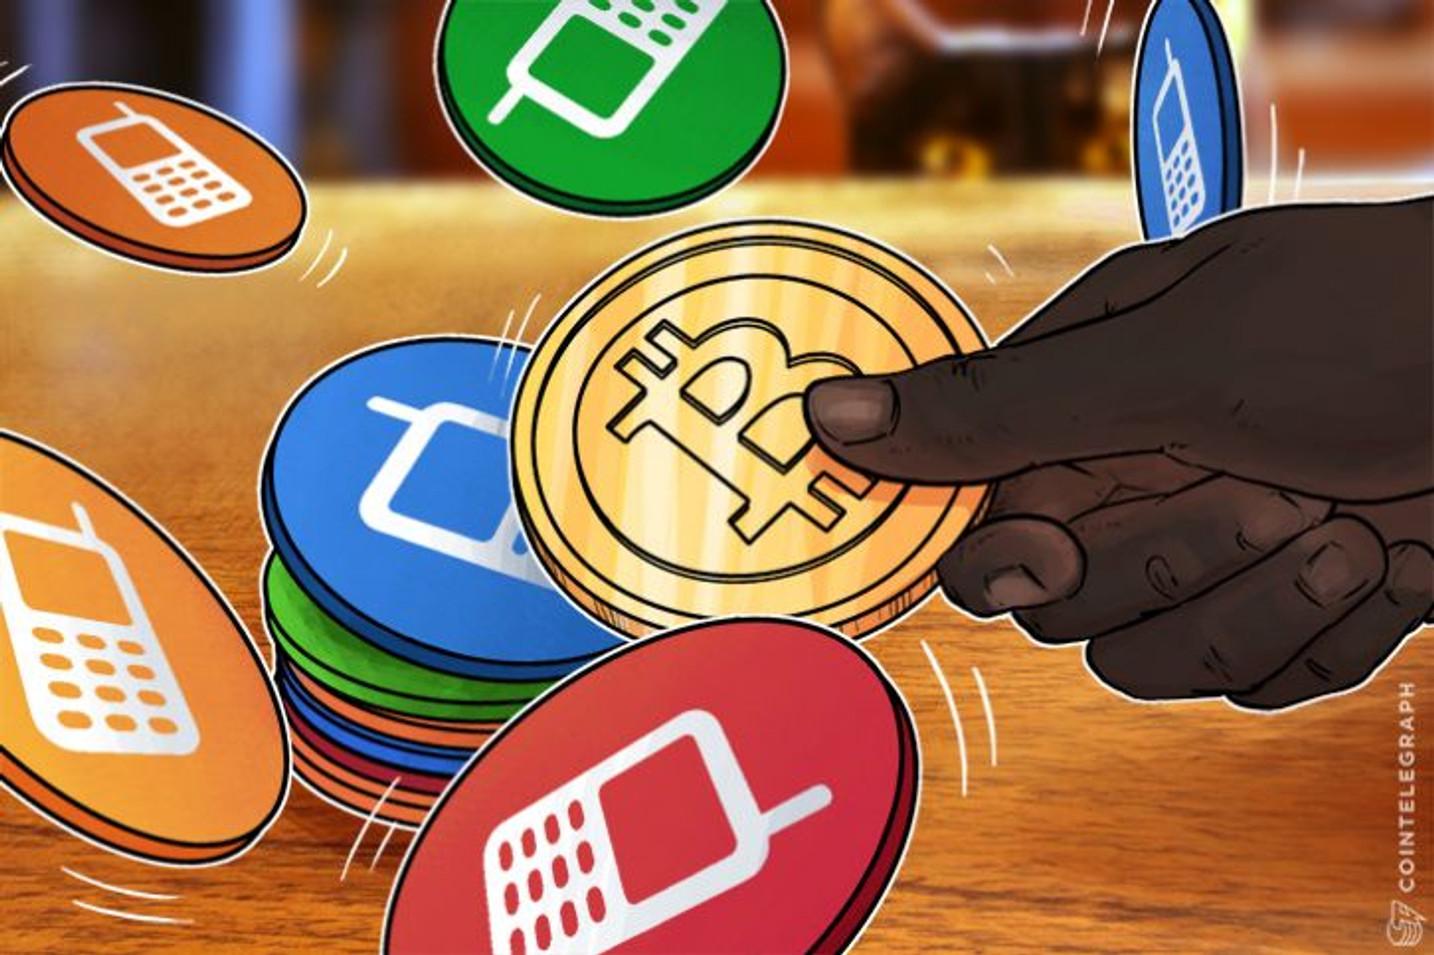 ビットコインがアフリカでモバイル決済業界を圧倒すると言われる理由